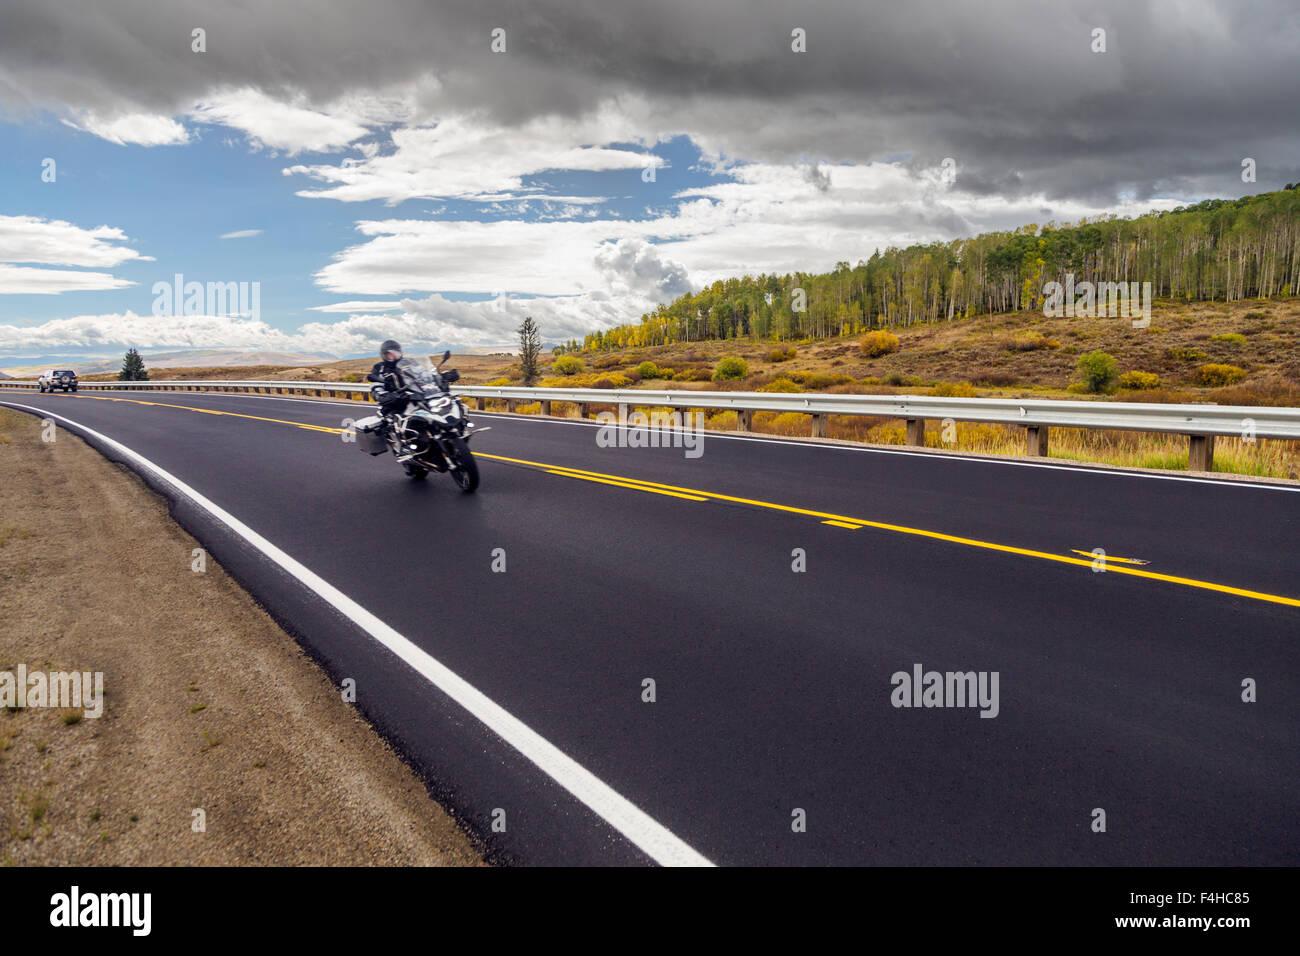 Motociclo ciclista su strada asfaltata; Autostrada 40; North Central Colorado; USA Immagini Stock